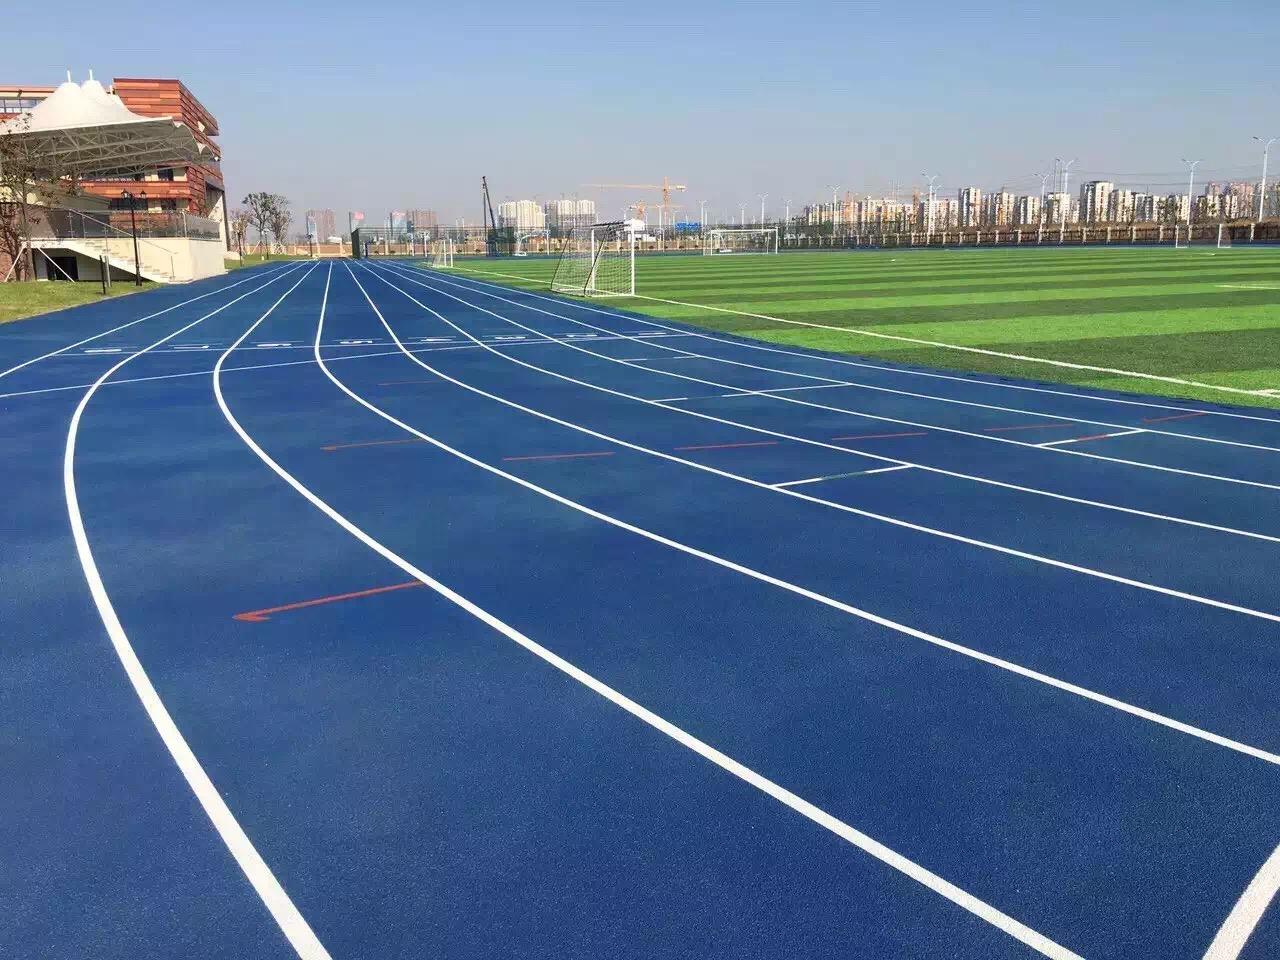 预制型橡胶跑道施工预制型橡胶跑道施工